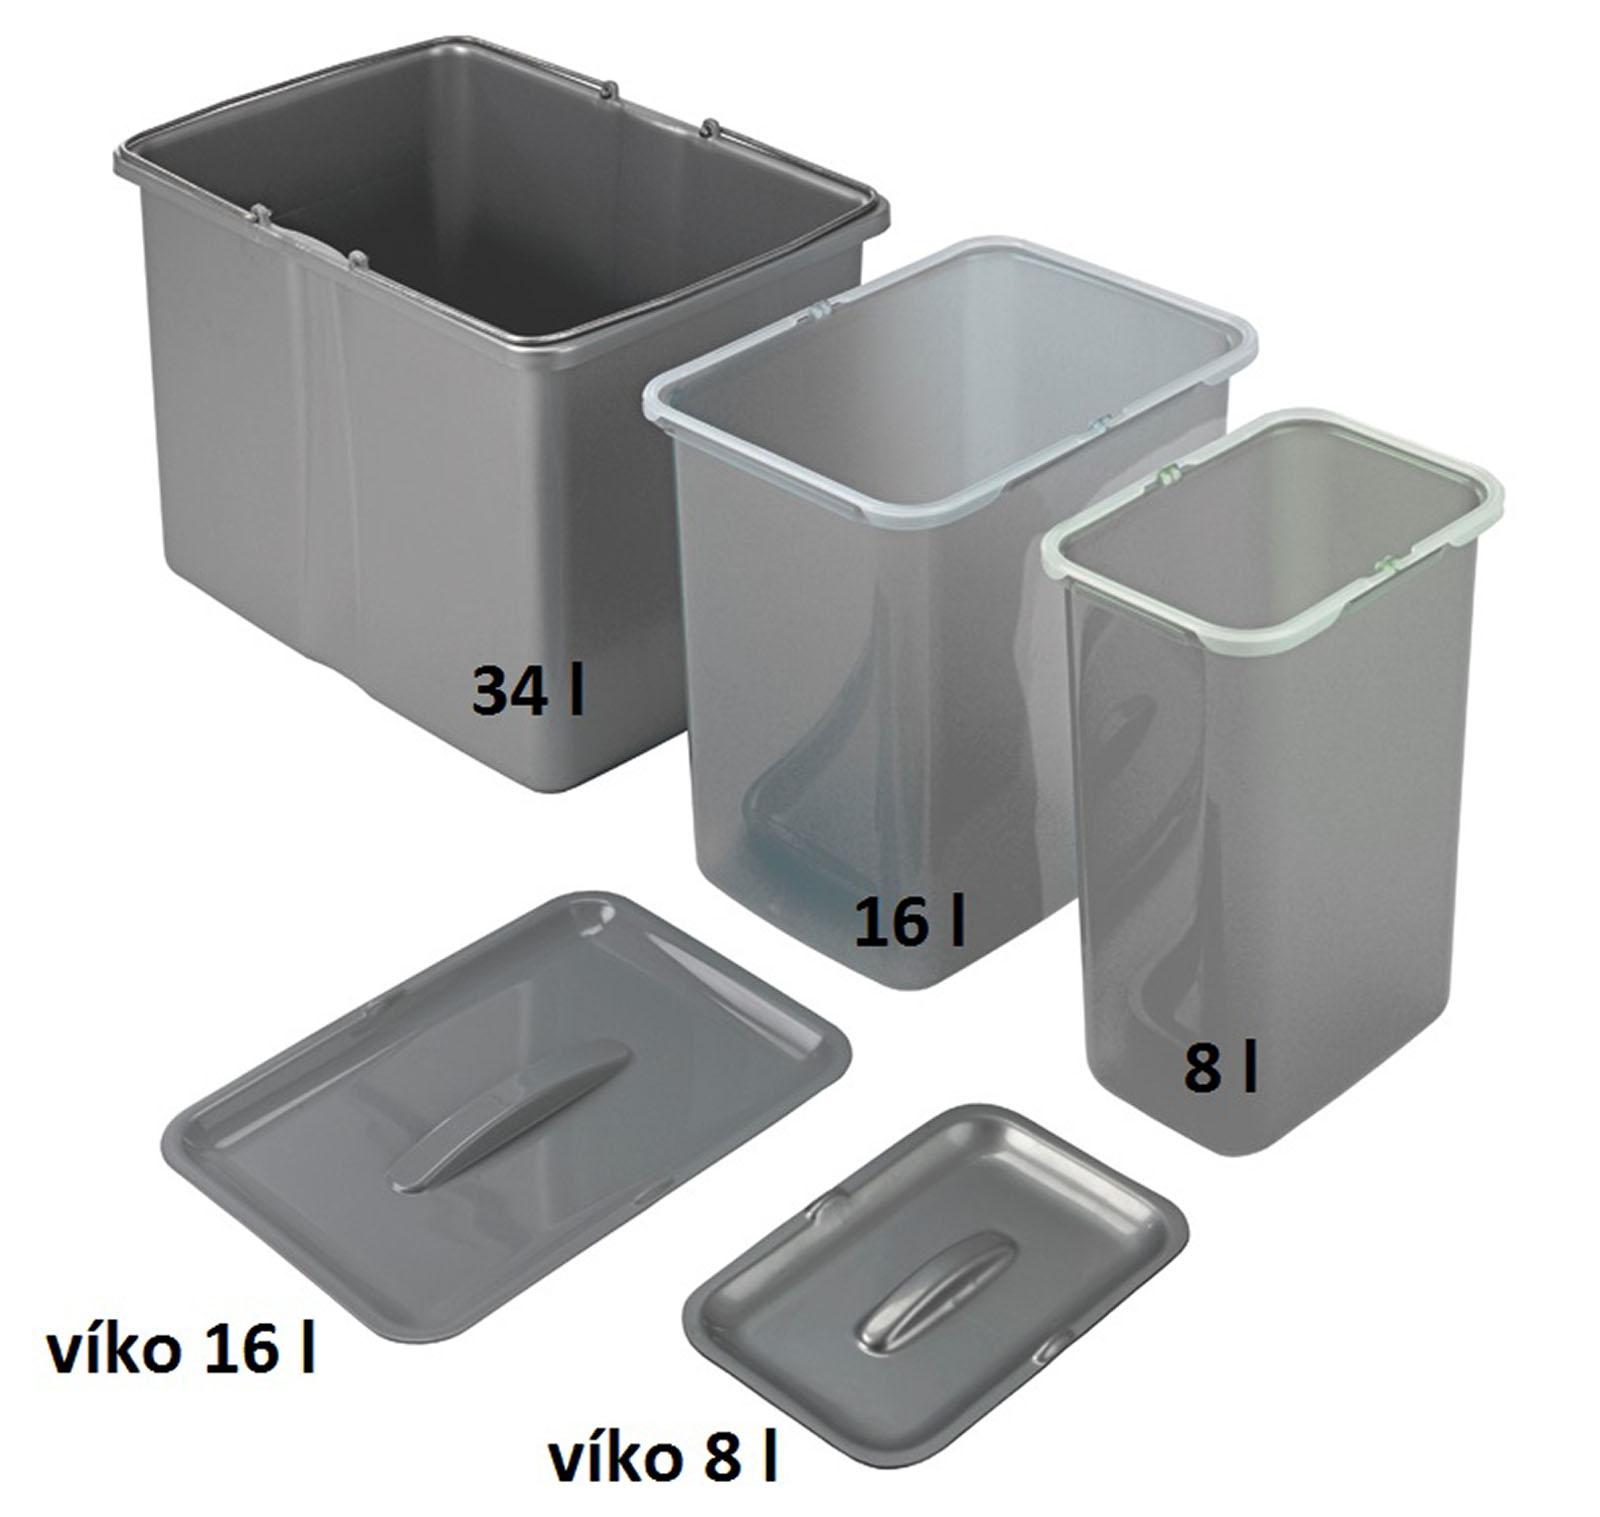 Sinks samostatný koš 34 l